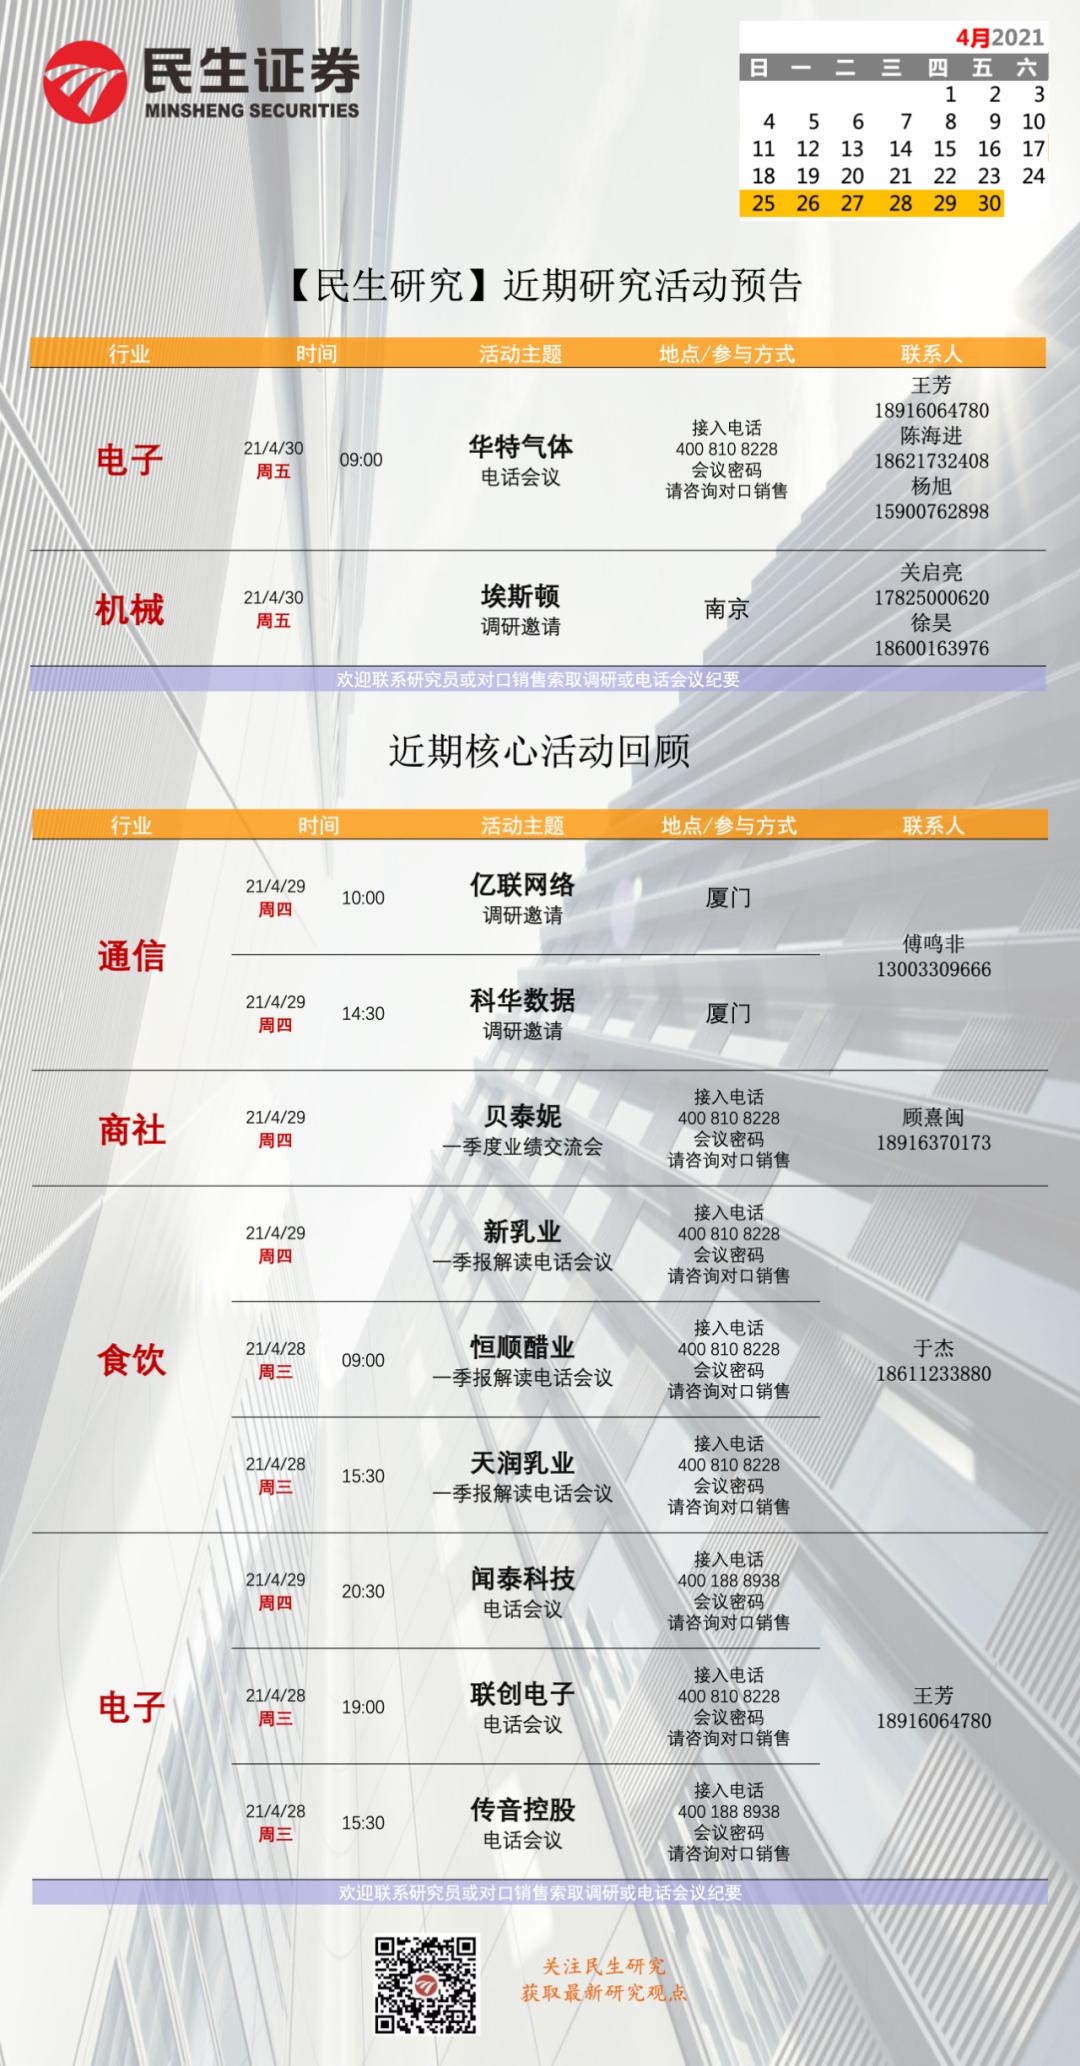 【民生证券研究院】晨会纪要20210430